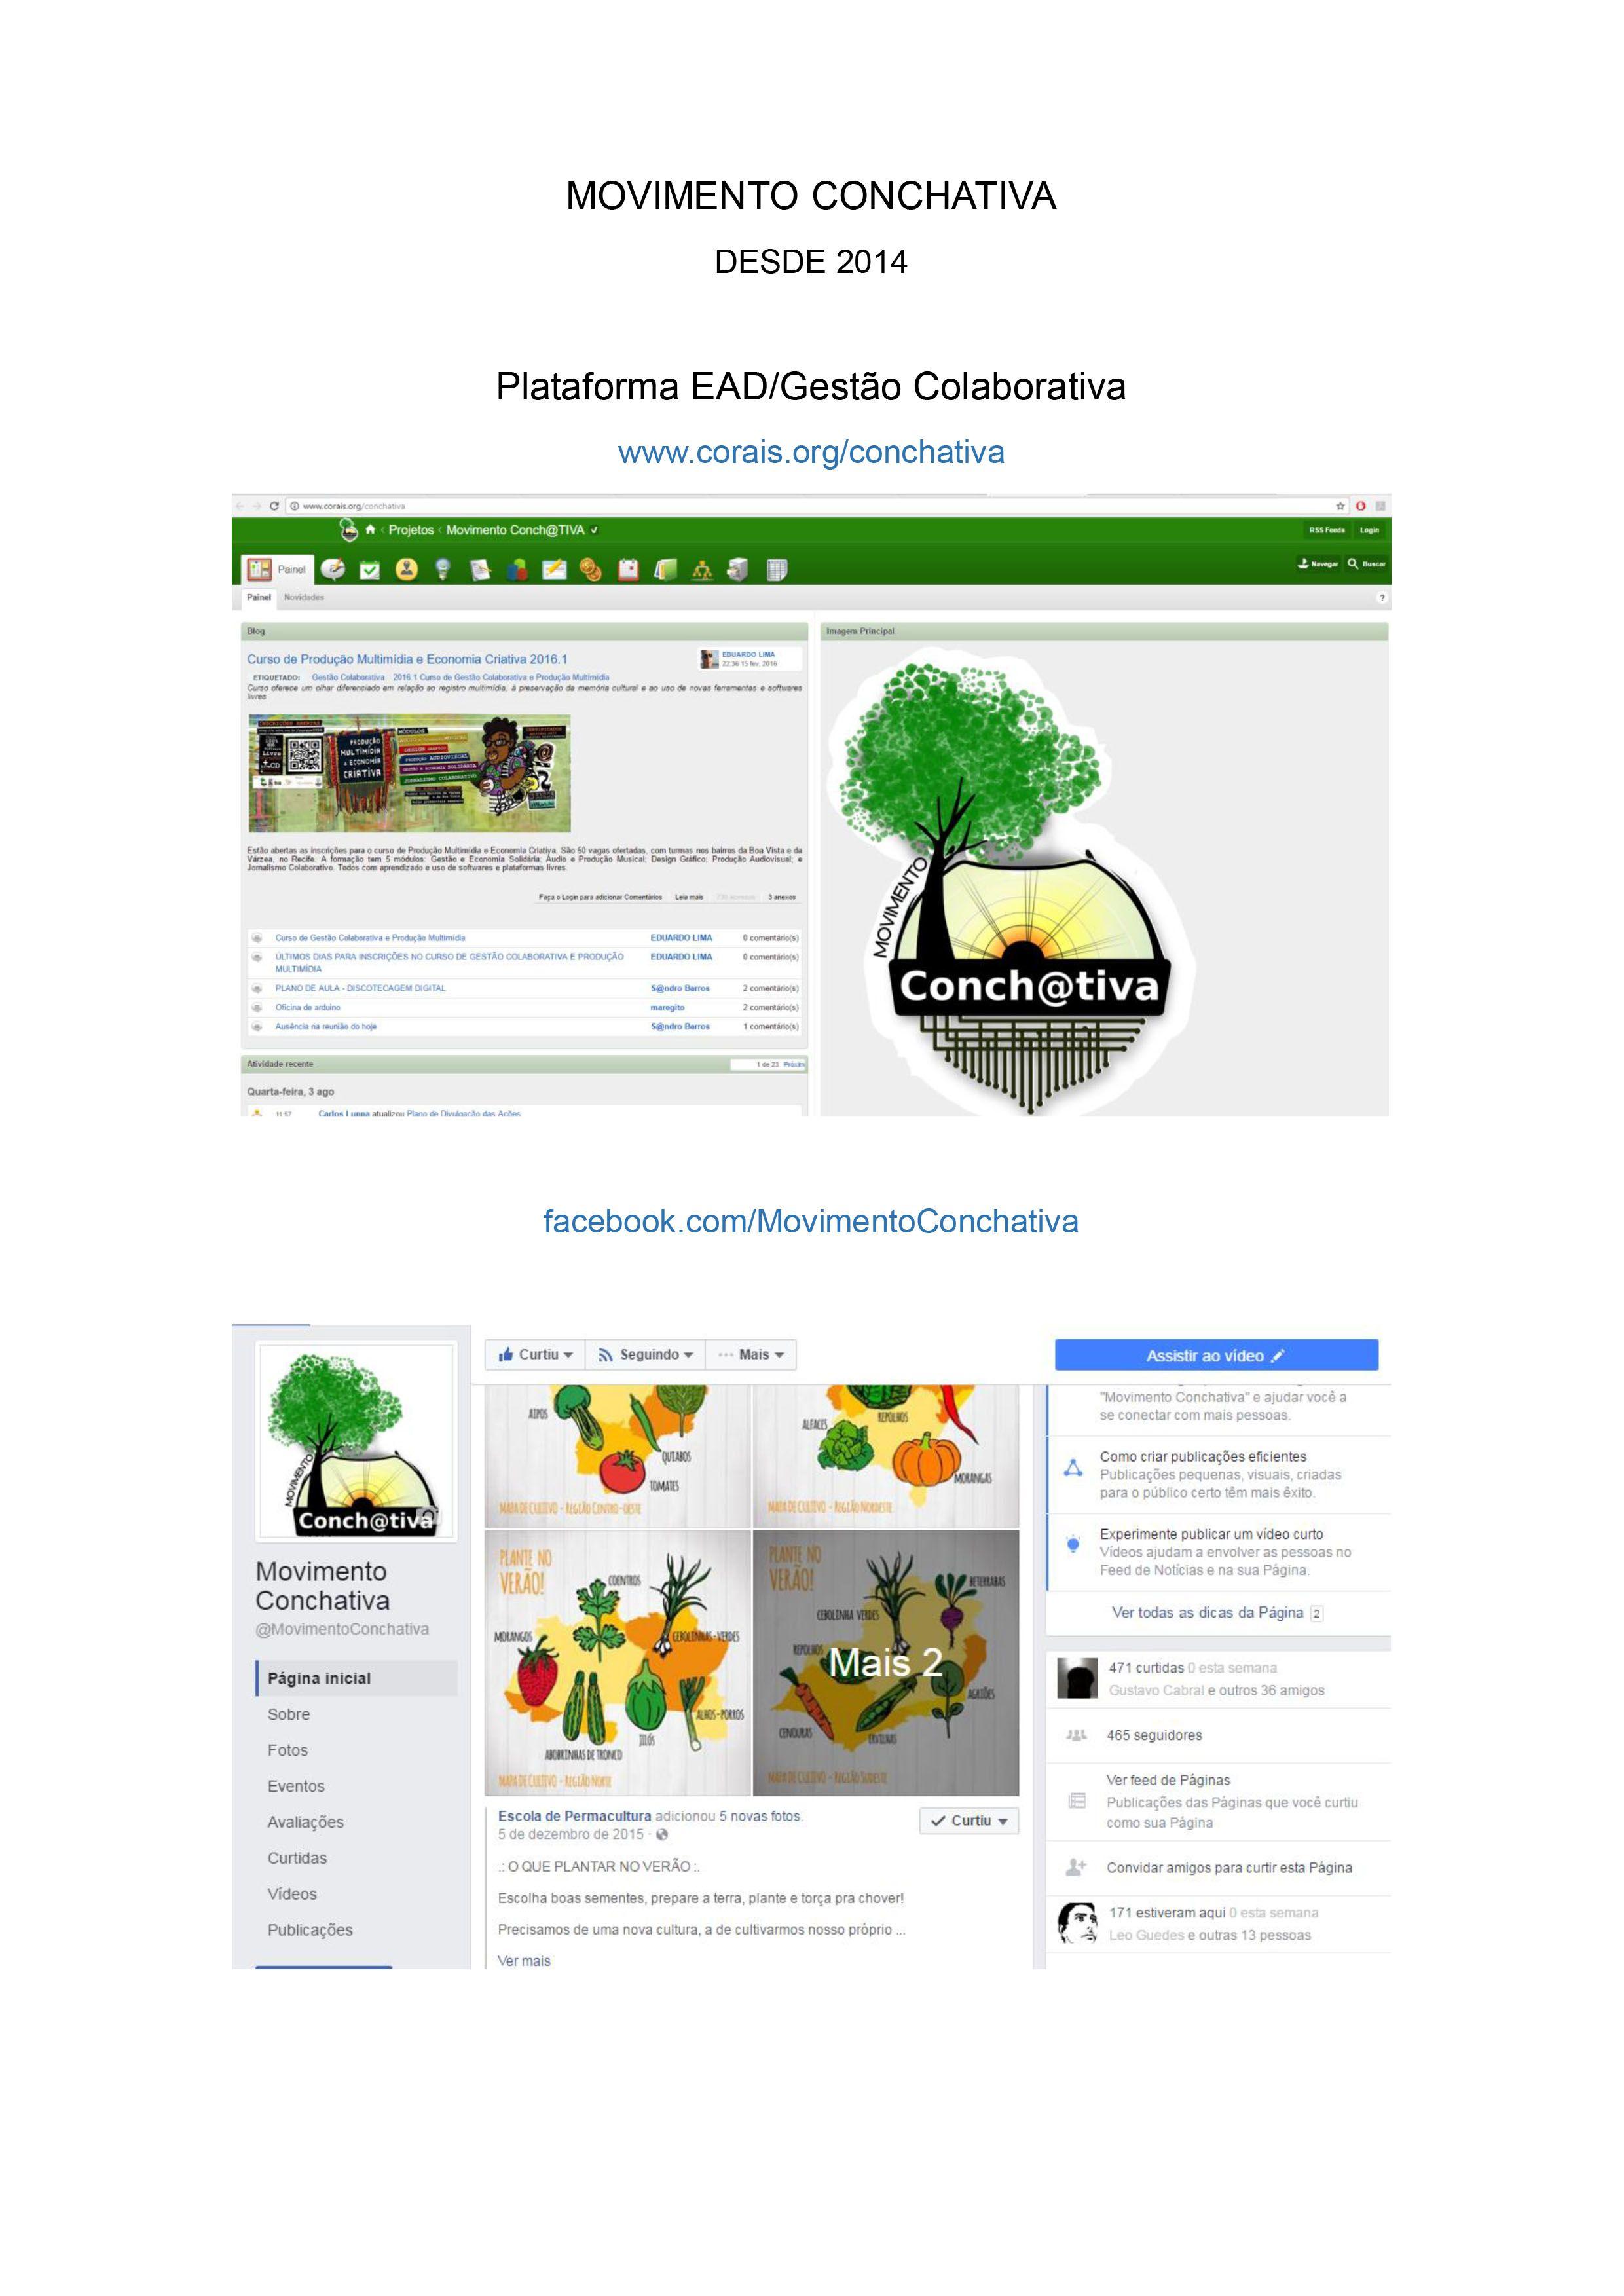 MOVIMENTO CONCHATIVA - DESDE 2014  Plataforma EAD/Gestão Colaborativa www.corais.org/conchativa  facebook.com/MovimentoConchativa  Criação de conteúdo e mobilização como uma das administradoras das páginas